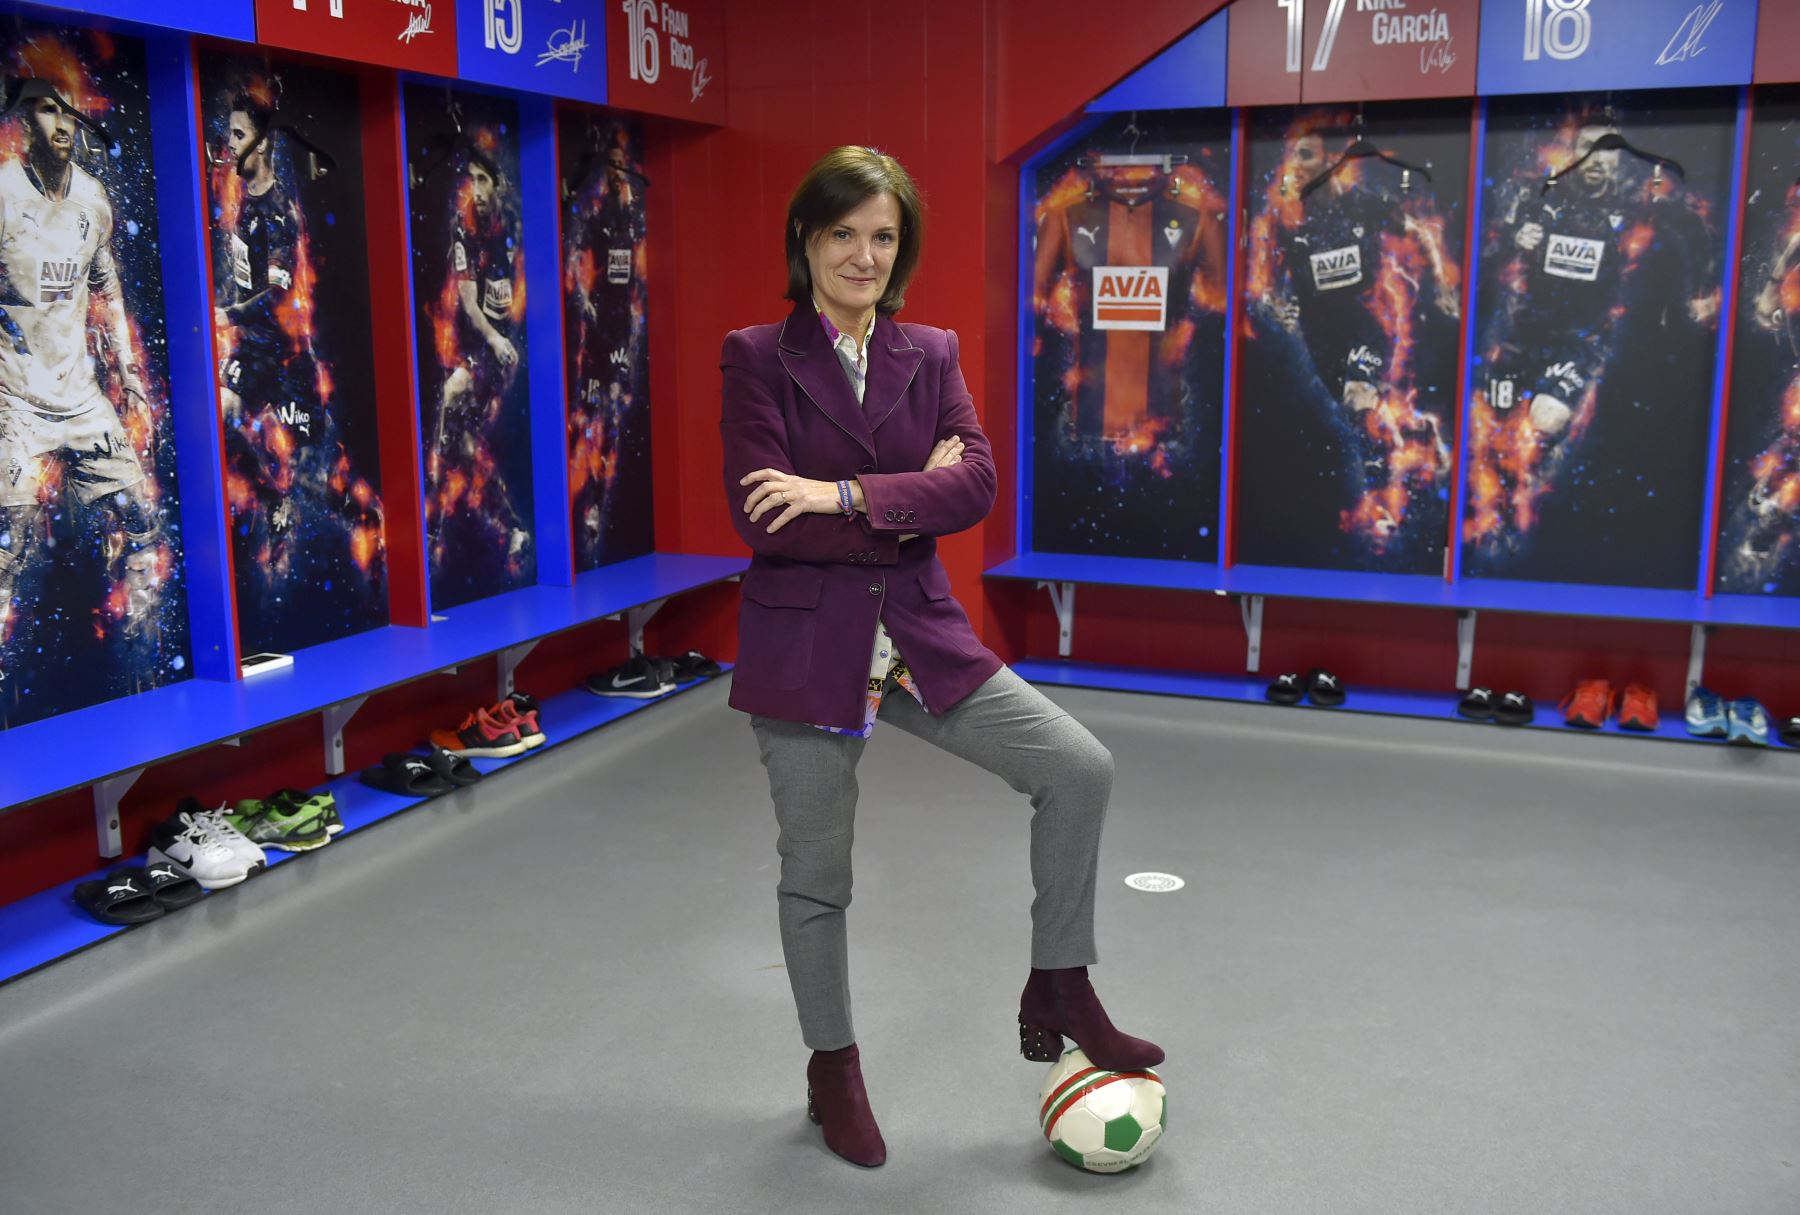 Amaia Gorostiza, 51, mujer de negocios y presidenta del club de fútbol SD Eibar posa para una foto en el vestuario del estadio Ipurua en Eibar. Foto: AFP